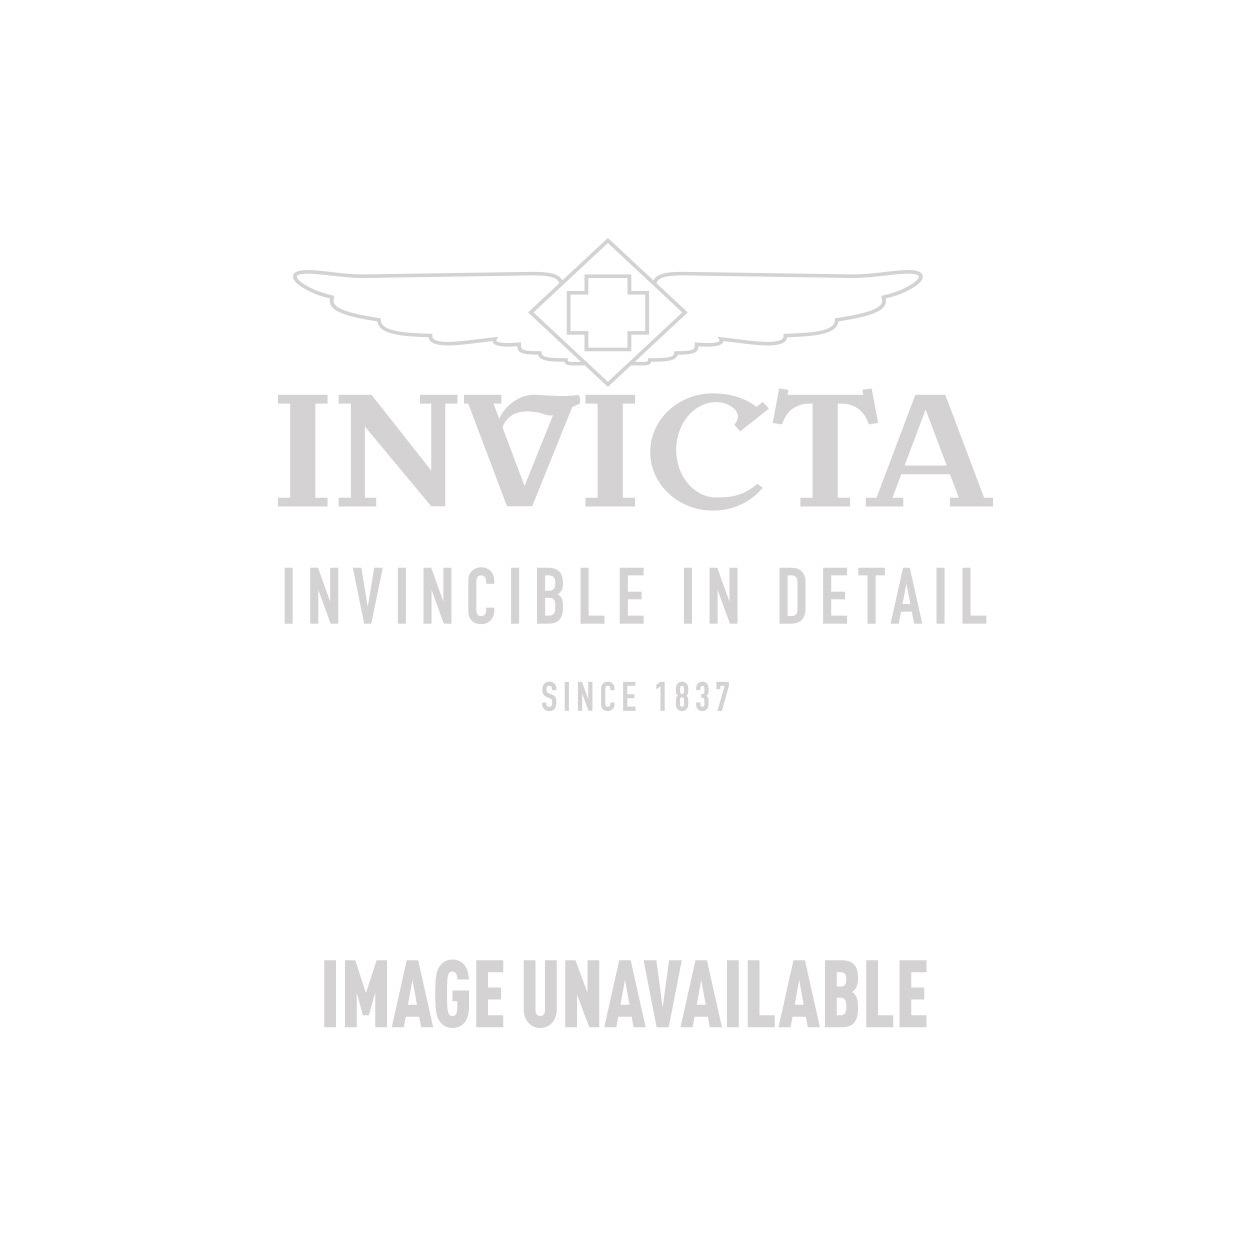 Invicta Model 23963